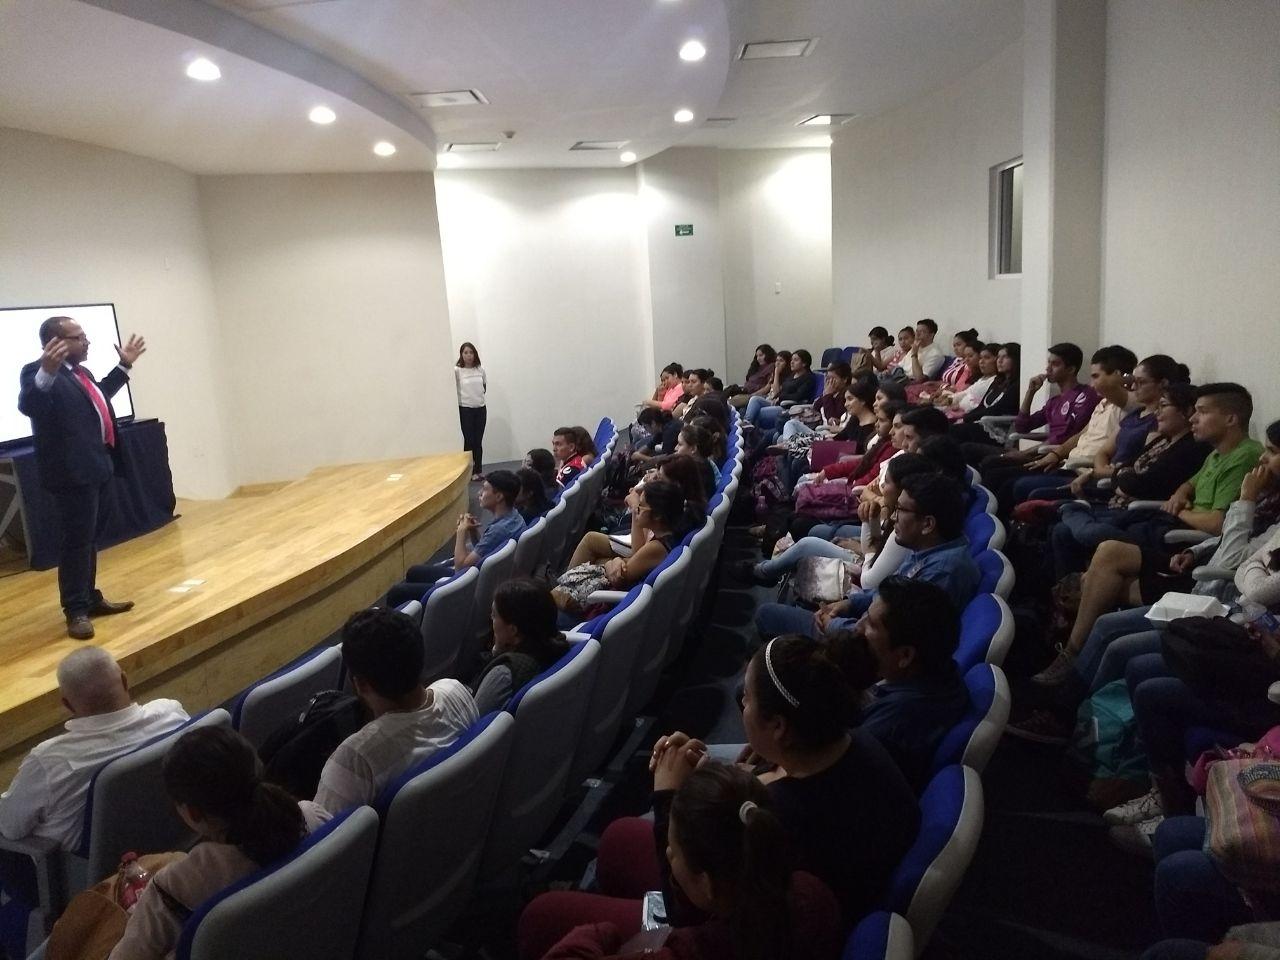 conferencia-cuvalles-etica-negocios